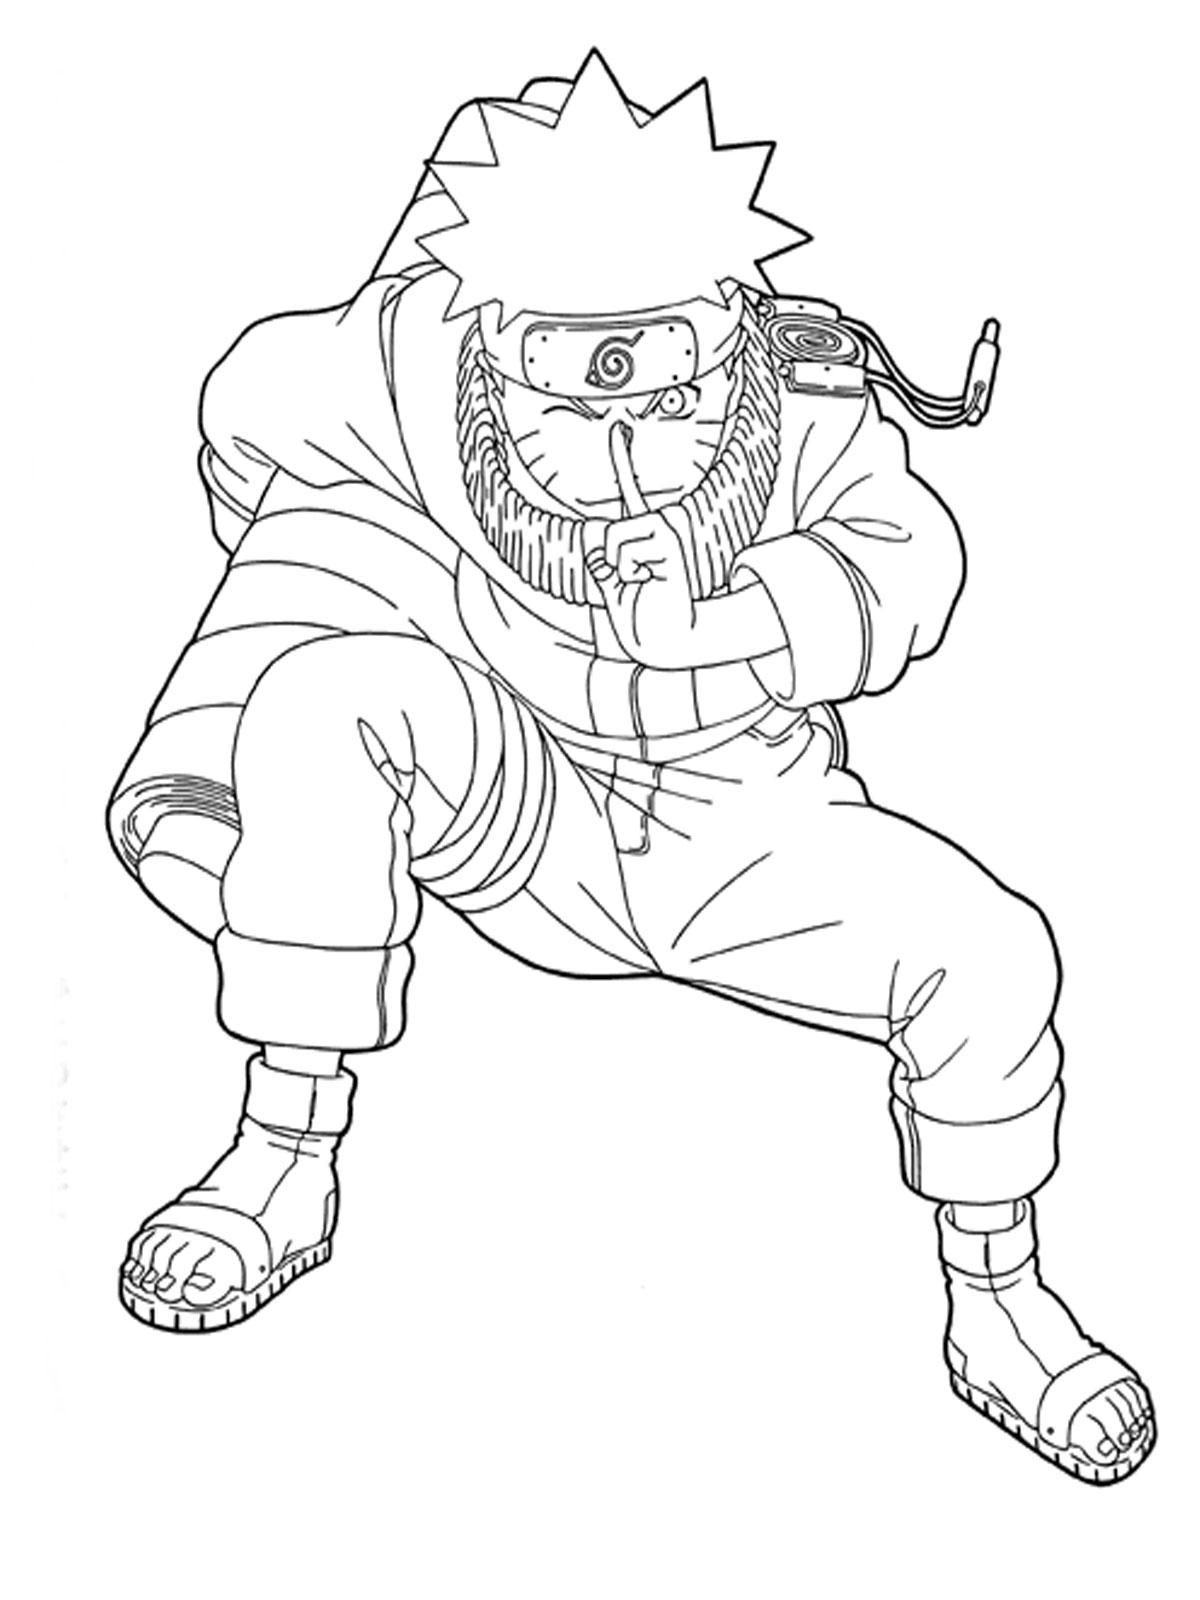 Naruto coloring #19, Download drawings